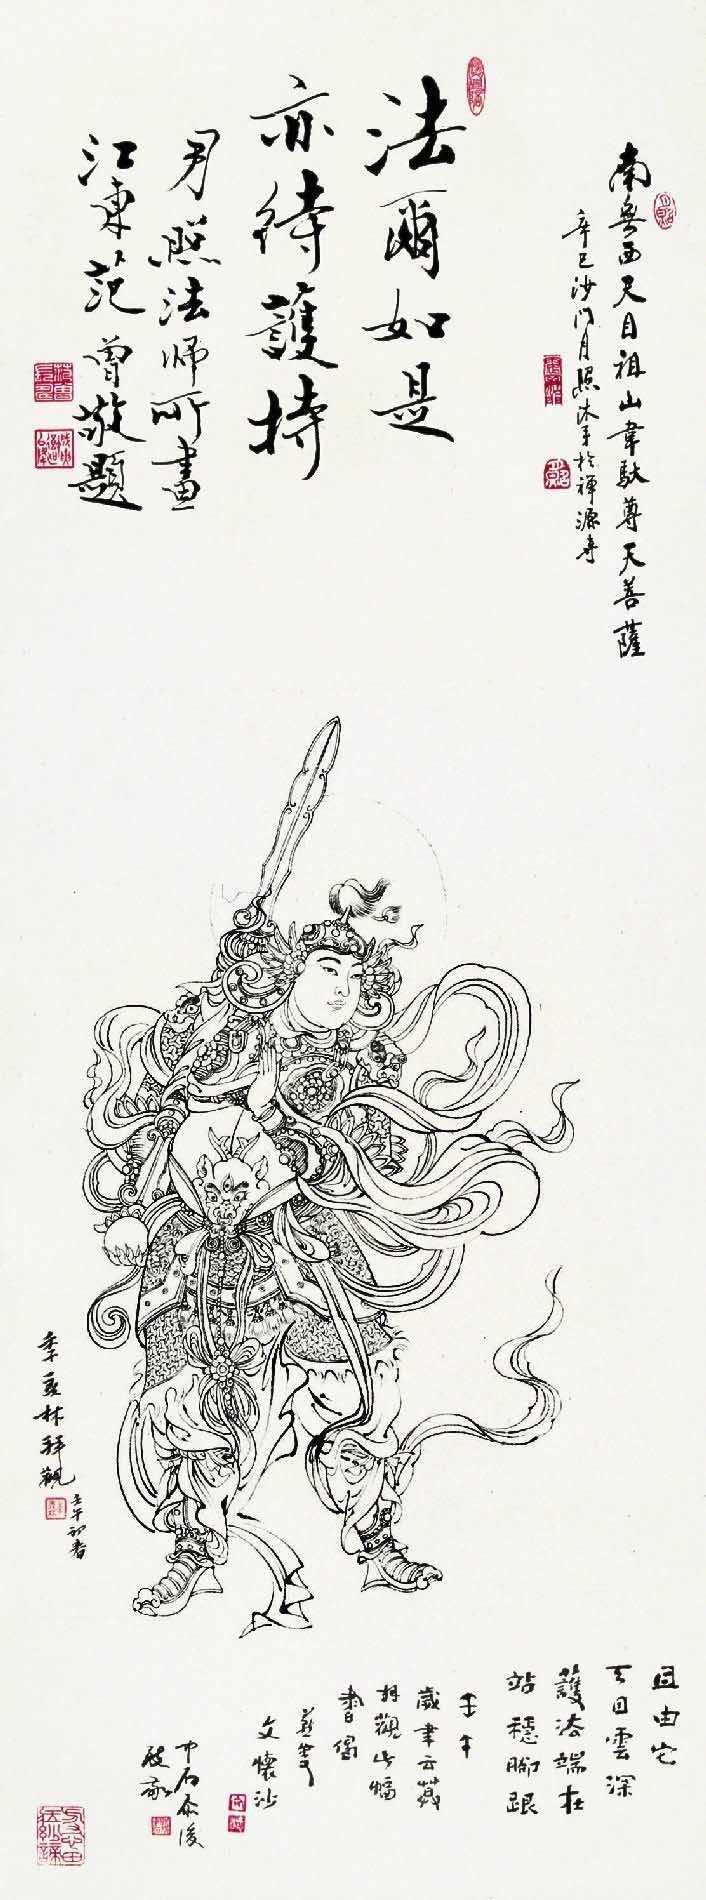 韦驮尊天菩萨像 月照和尚